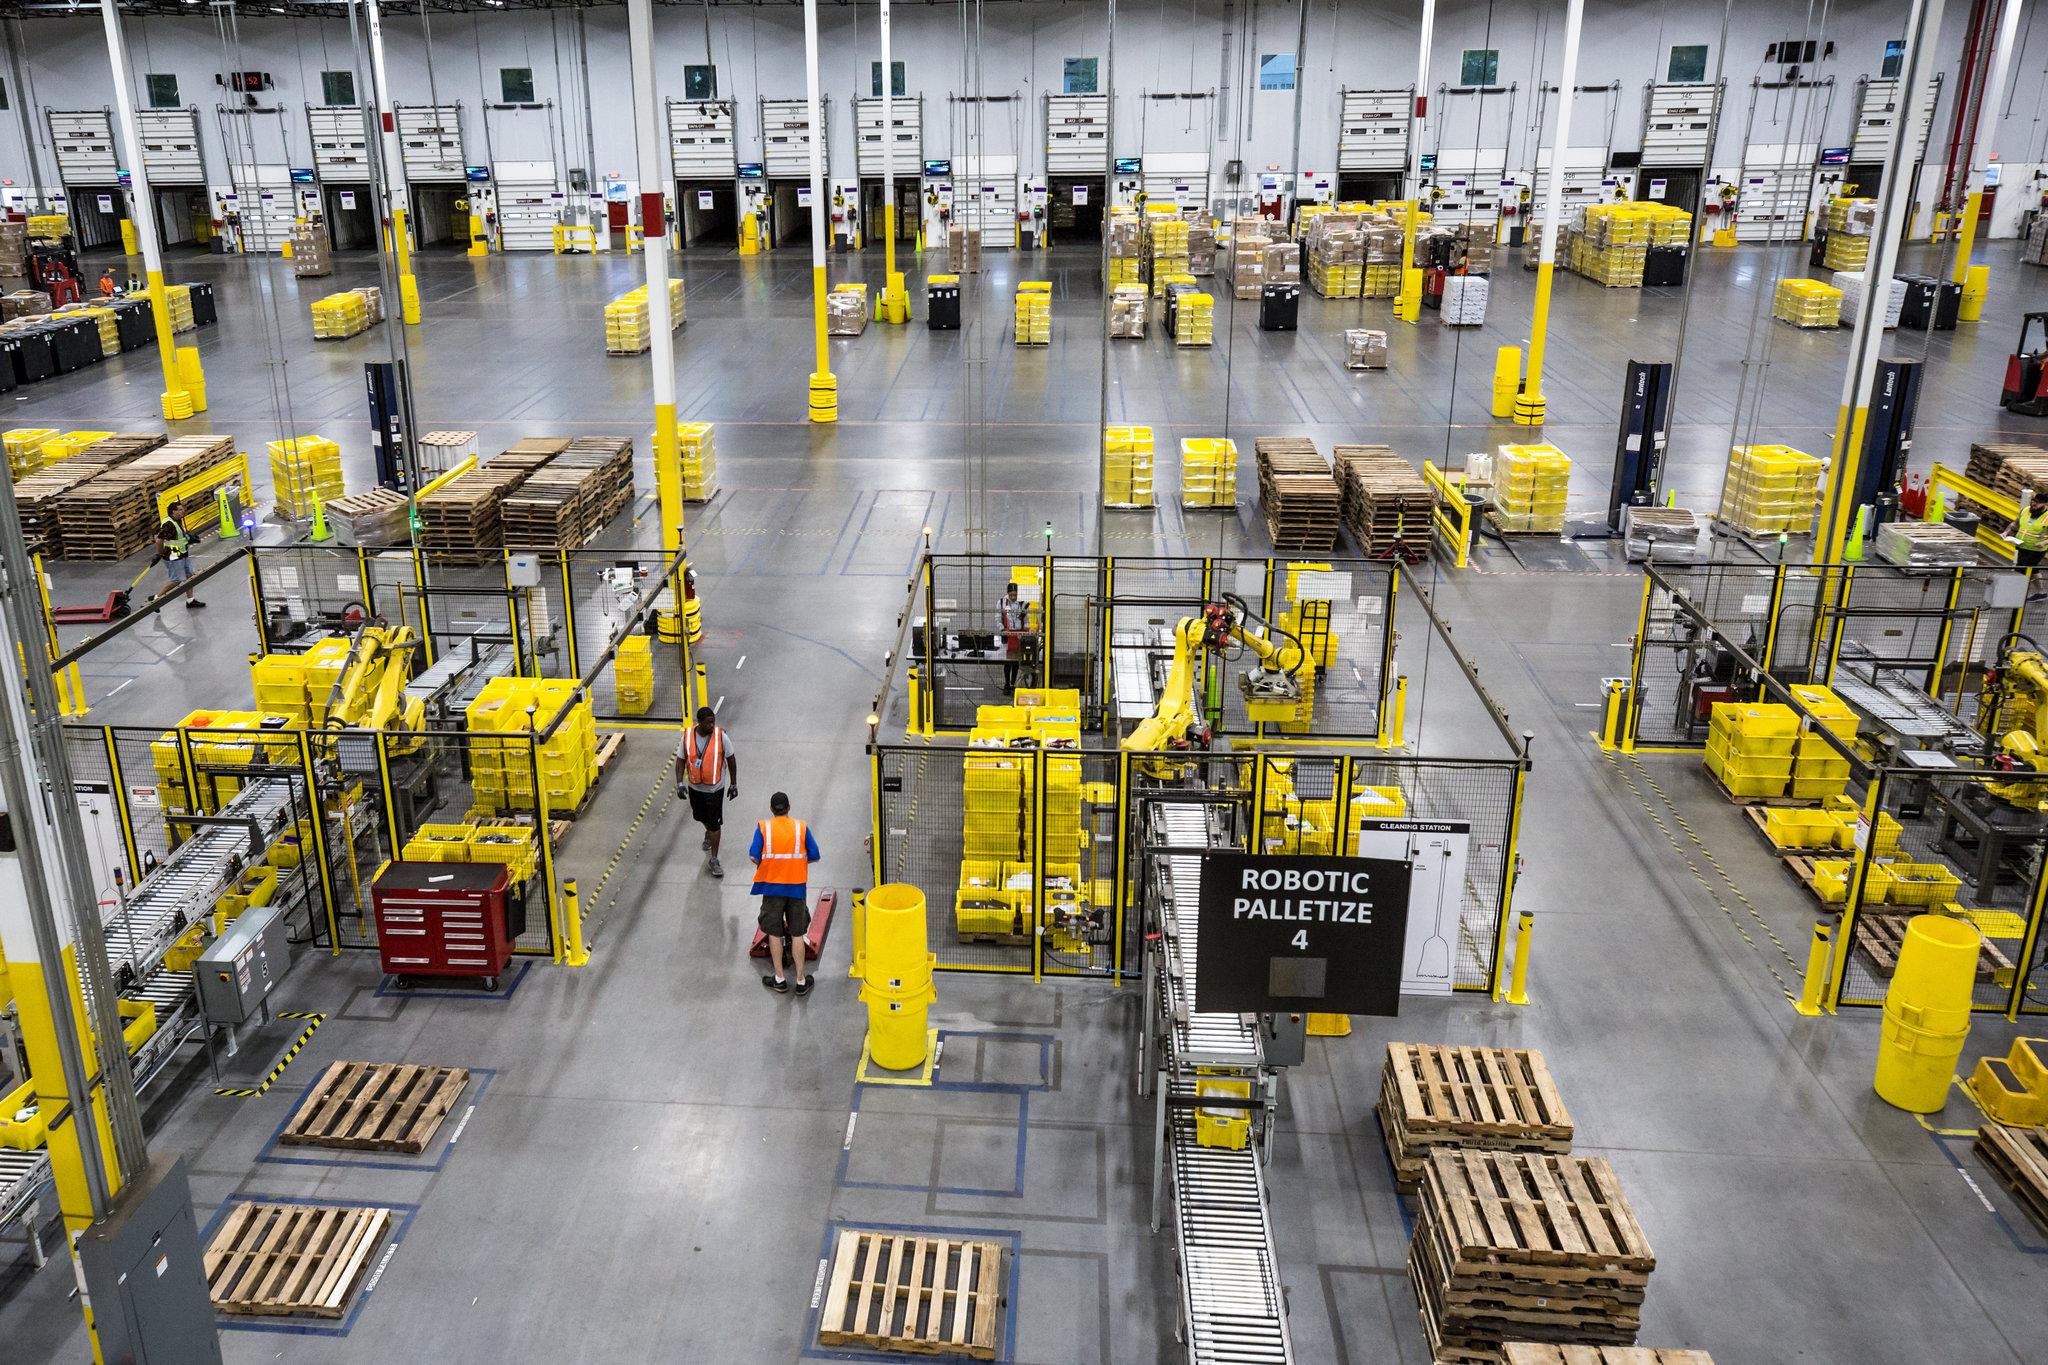 Новый виток роботизации Amazon: роботы-упаковщики заменят людей